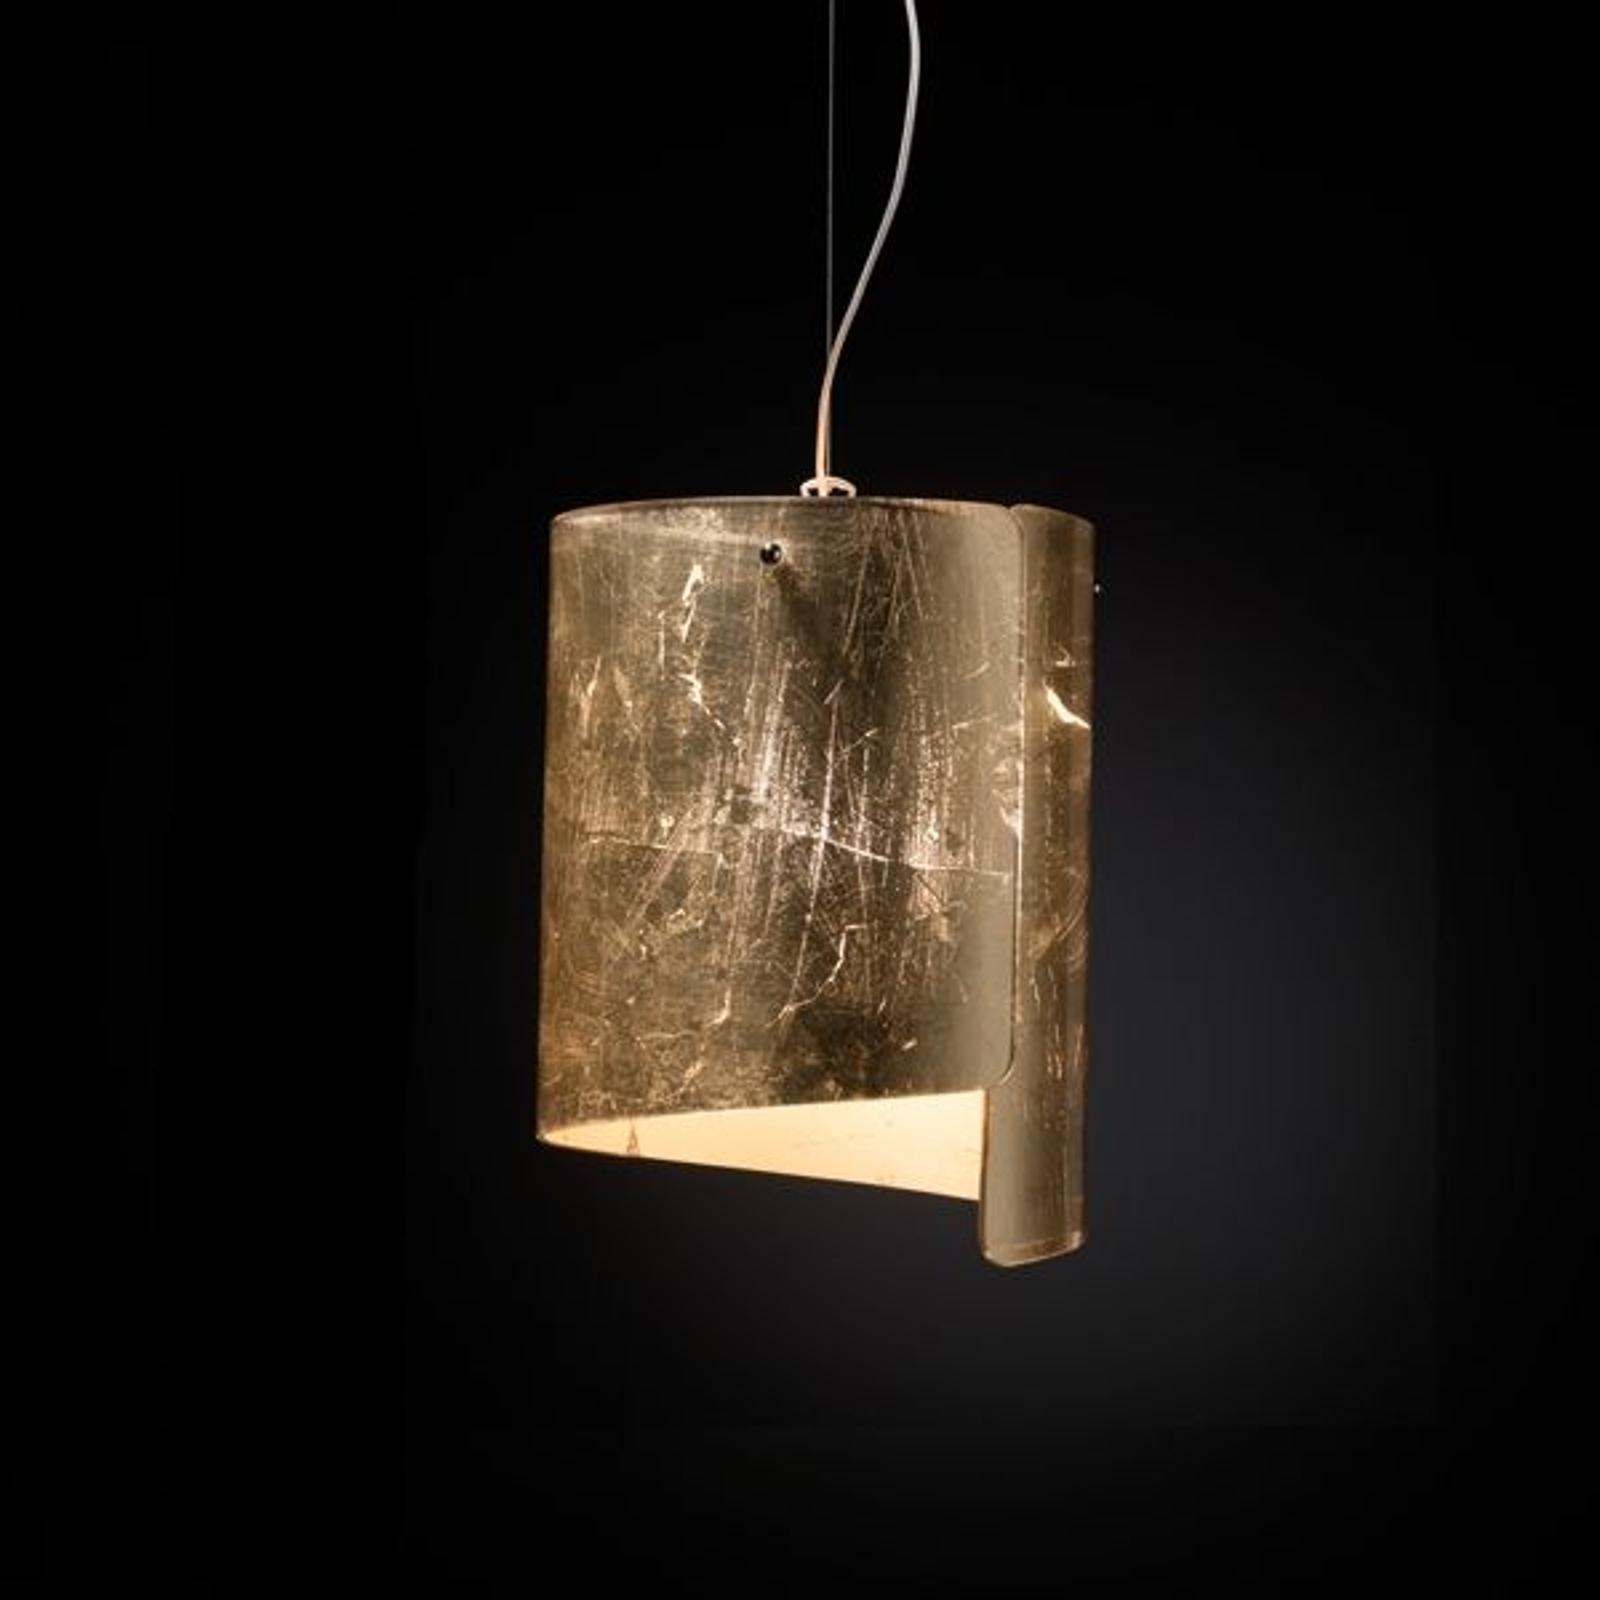 Elégante suspension Papiro diamètre 26 cm doré